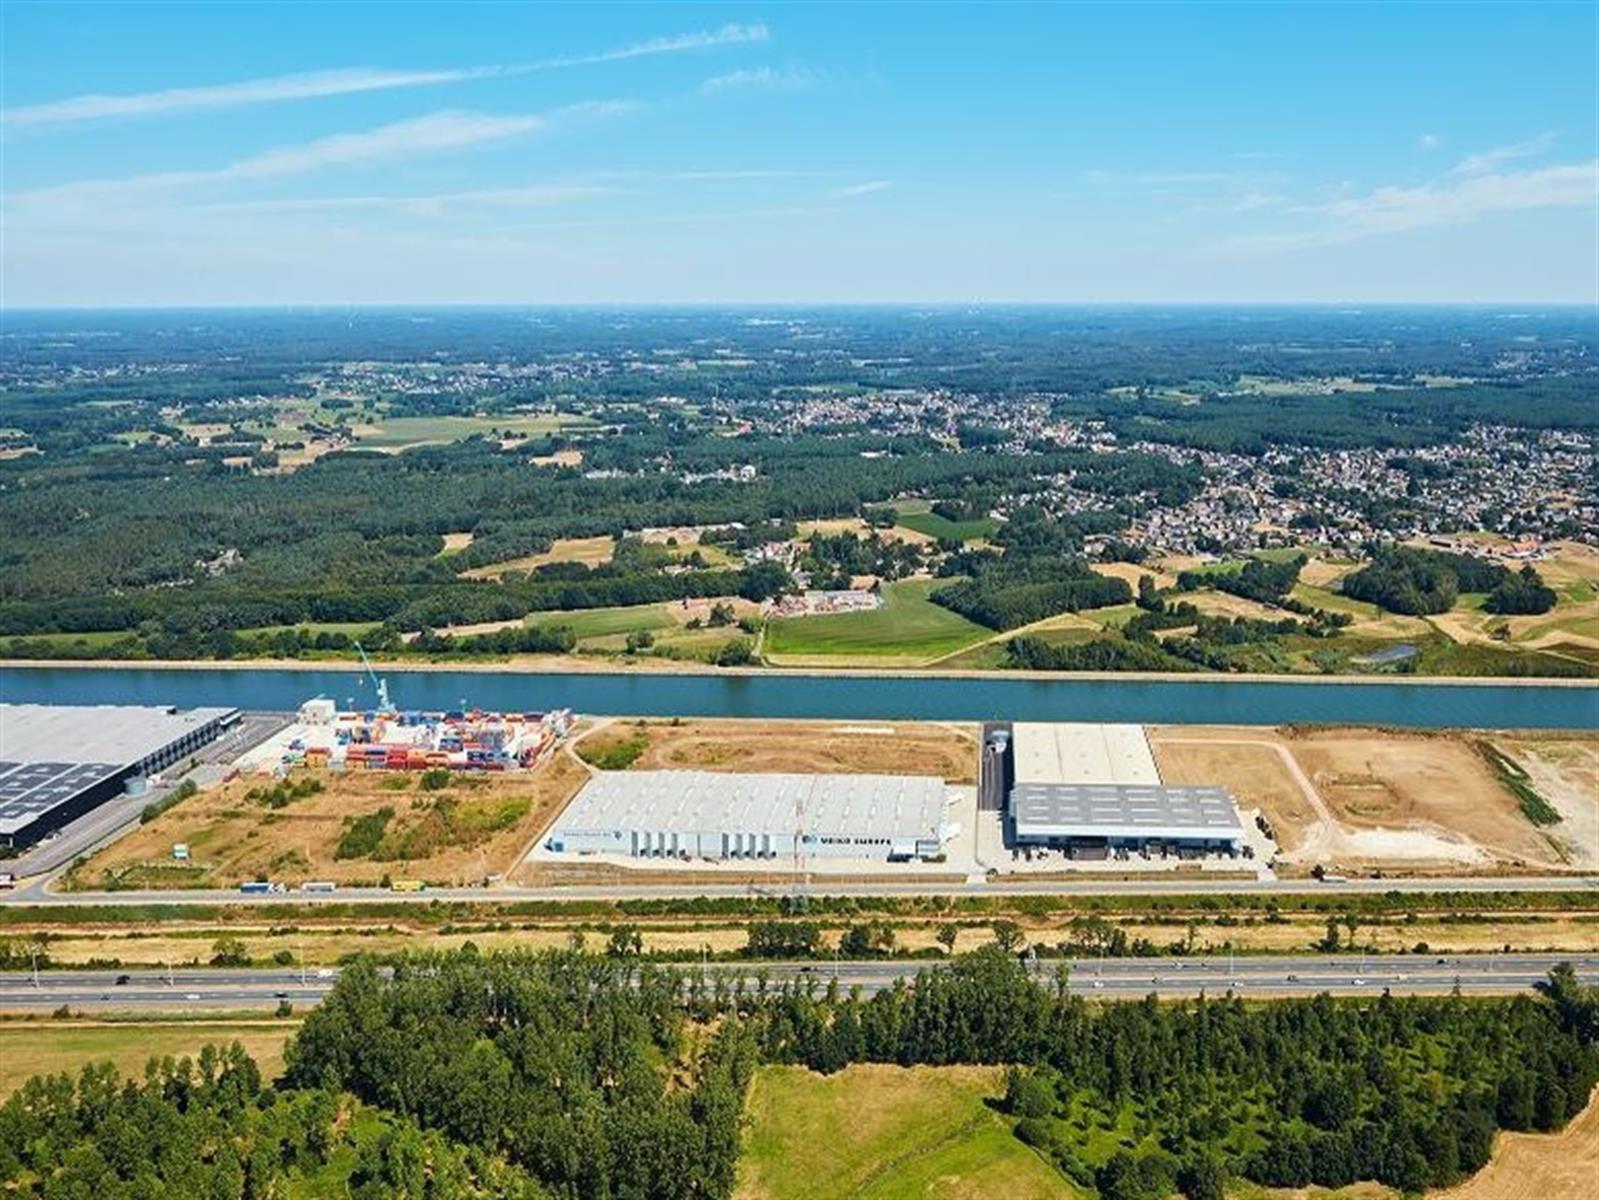 opslagplaats te huur UNIT 8B - Industrieweg 34, 2280 Grobbendonk, België 2